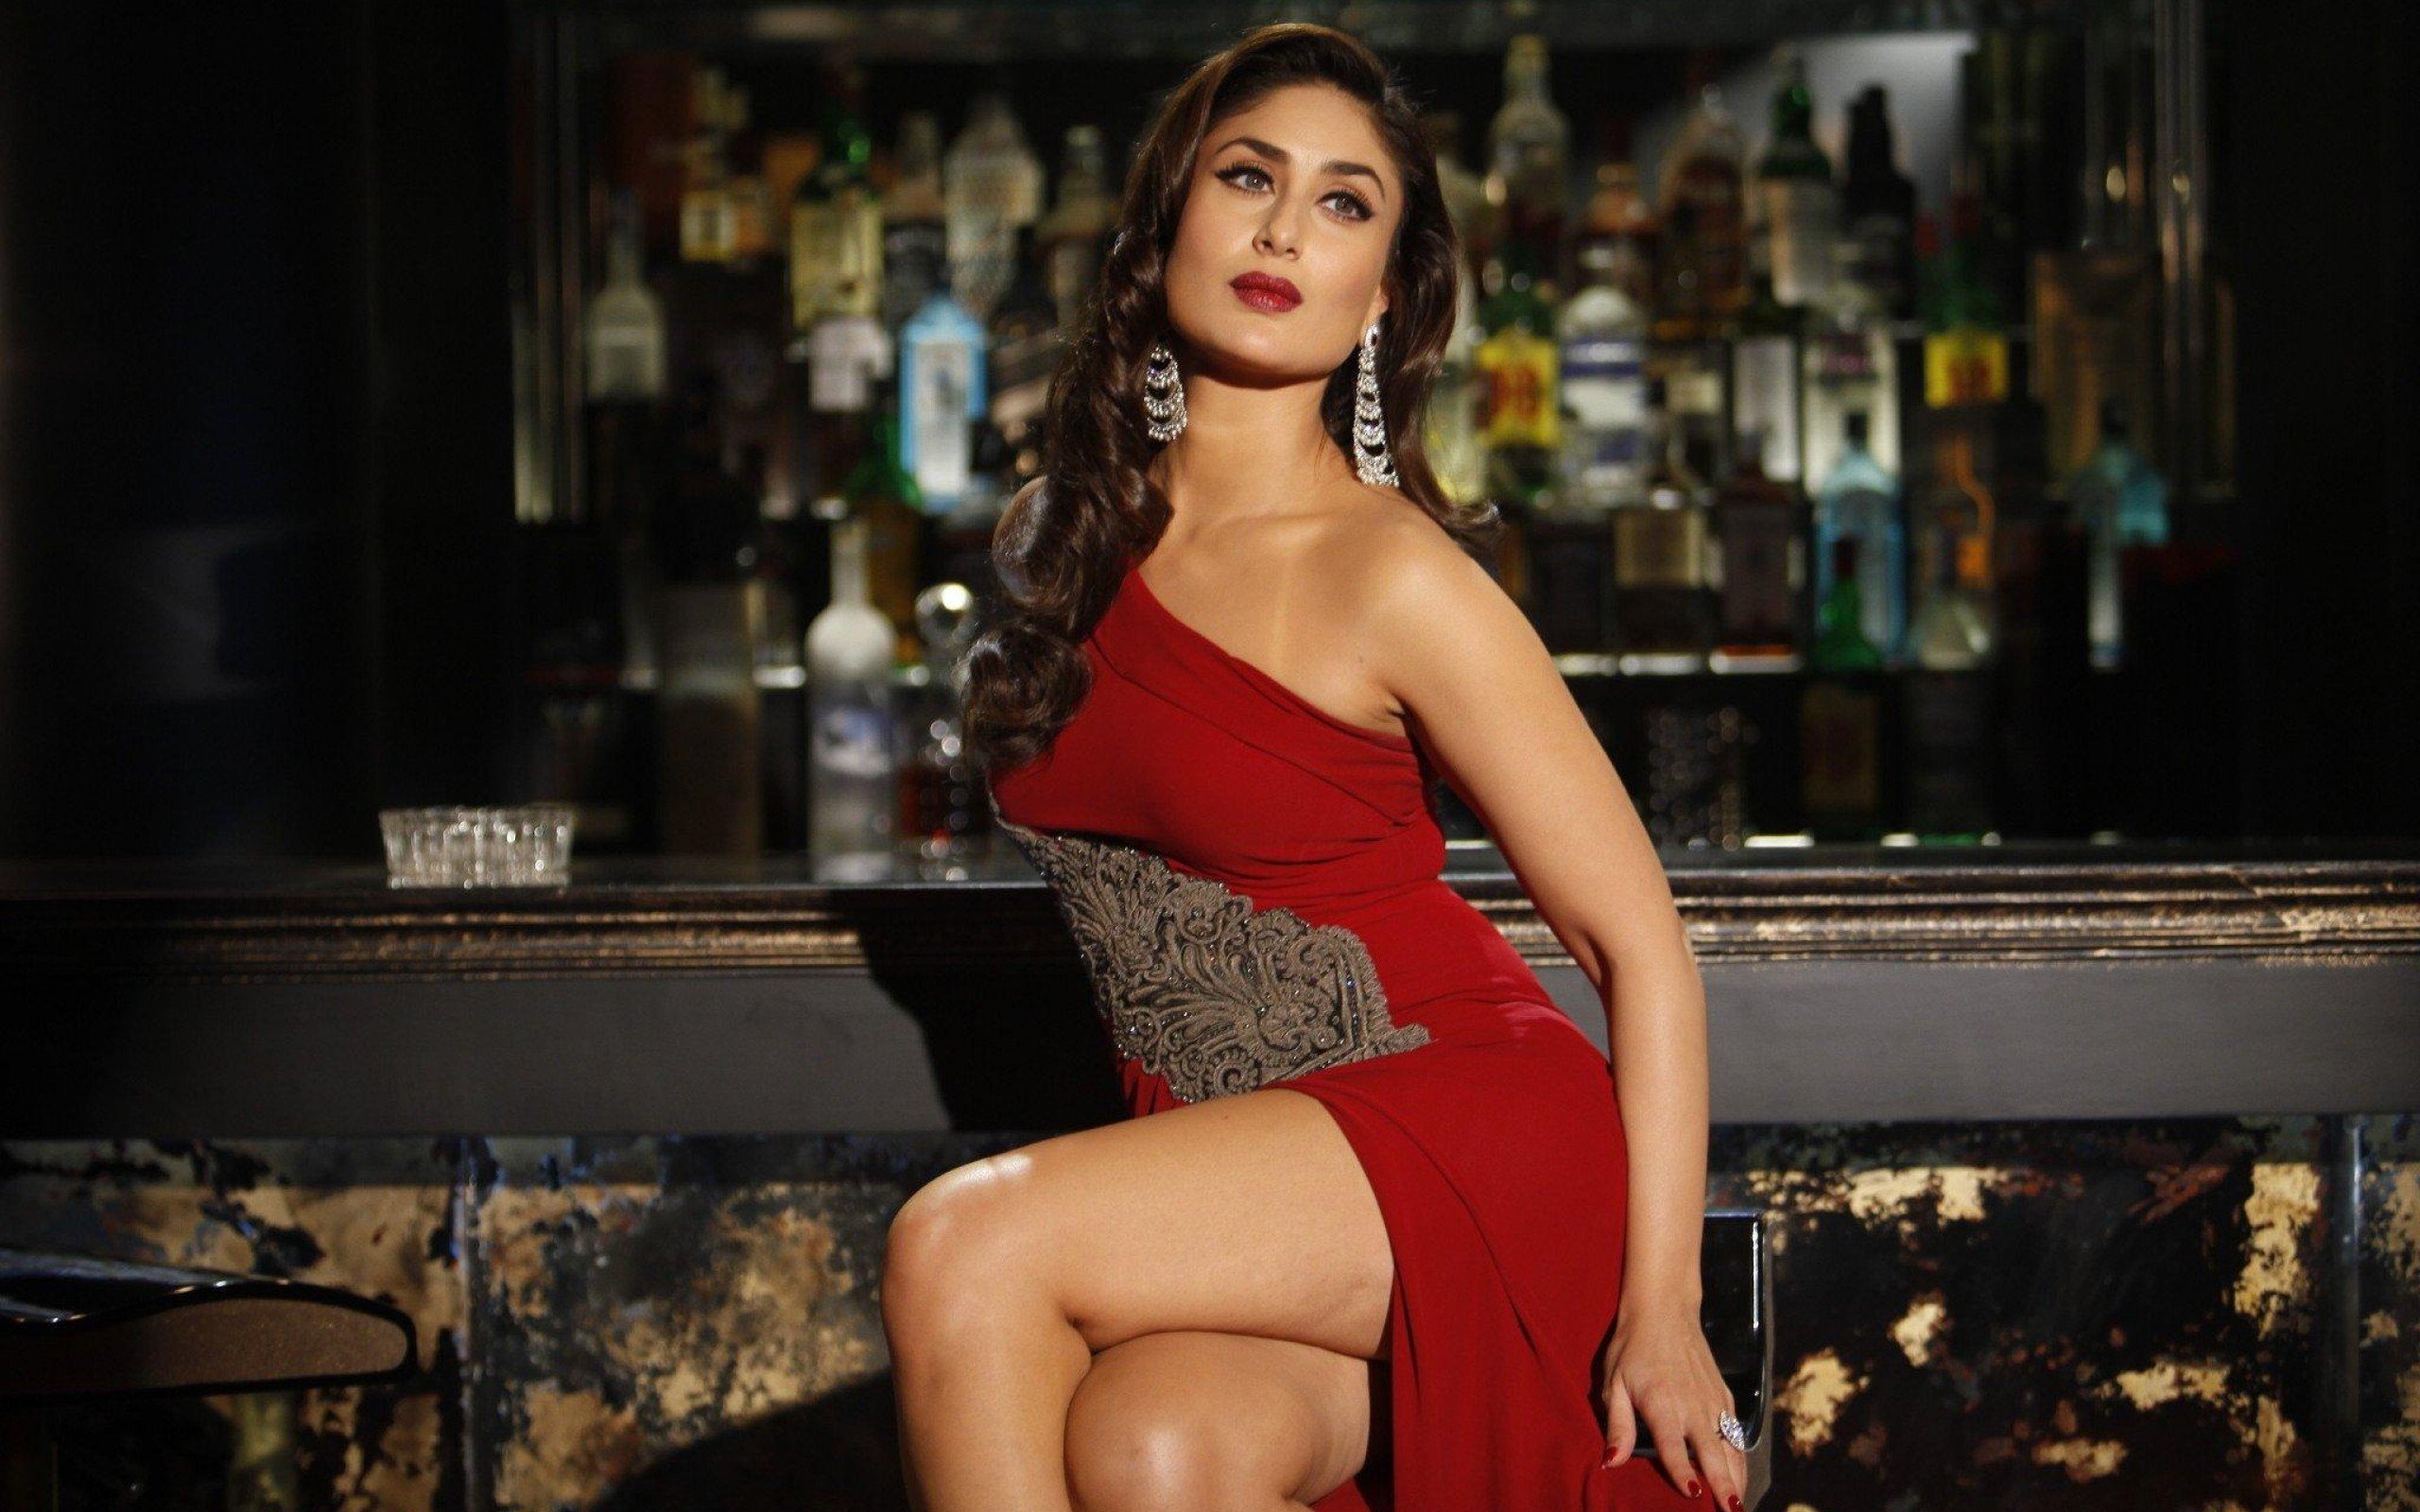 kareena kapoor in red hot dress wallpaper - facebook cover